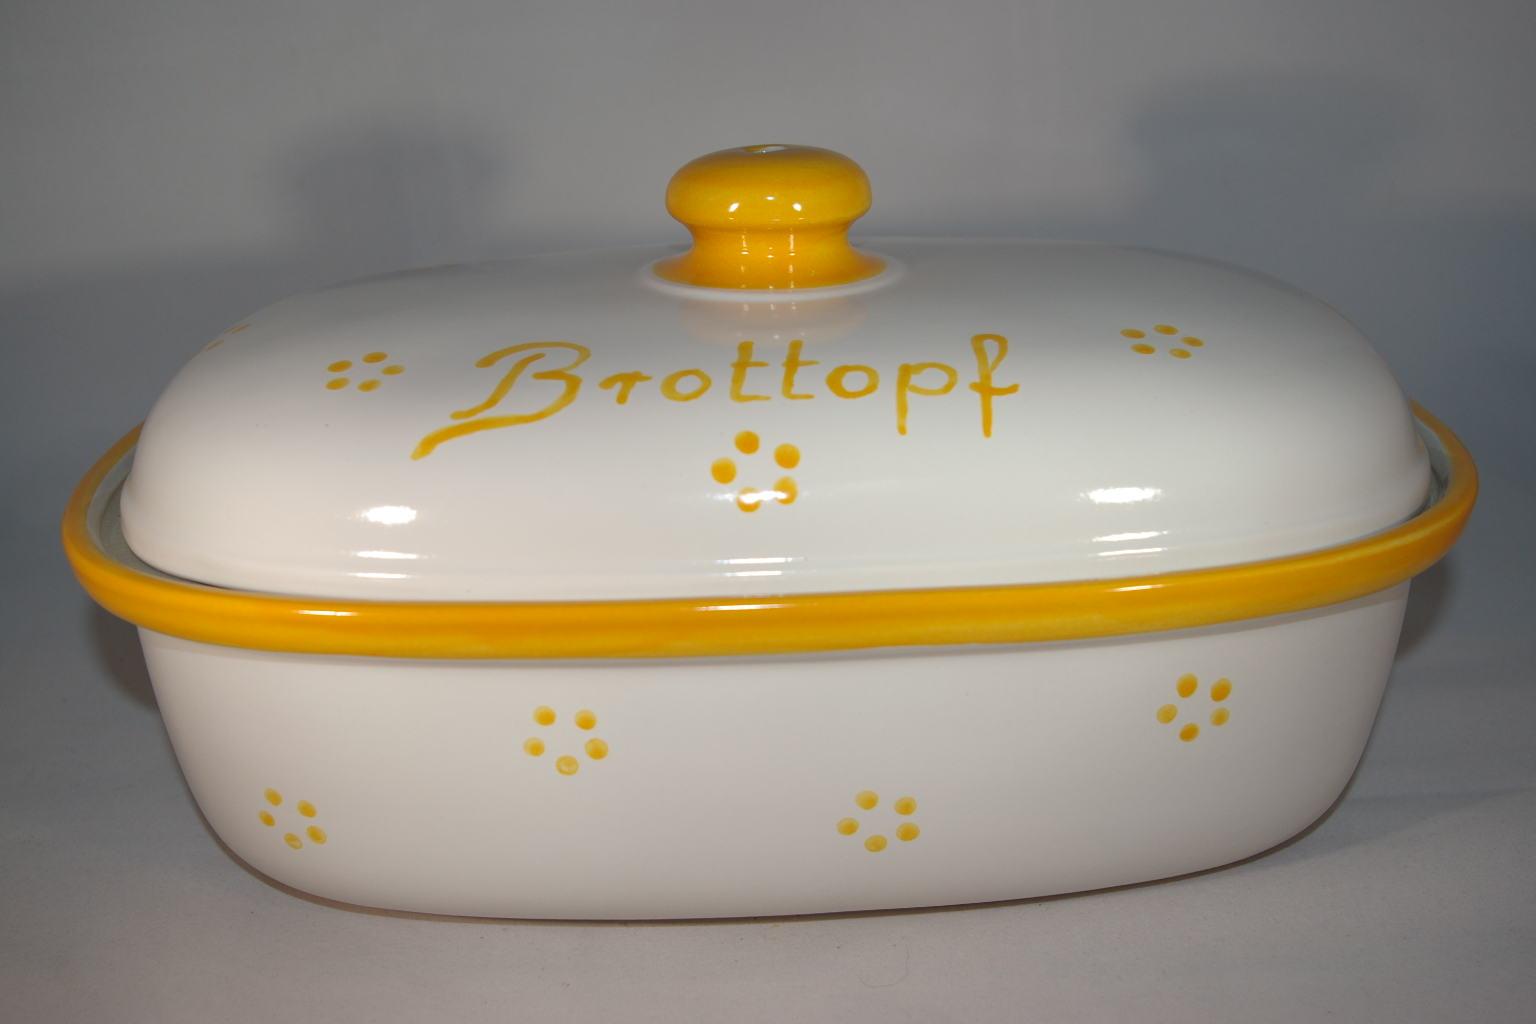 Ton Keramik Unterschied brottopf 30 cm retro gelb keramik seifert ronny seifert